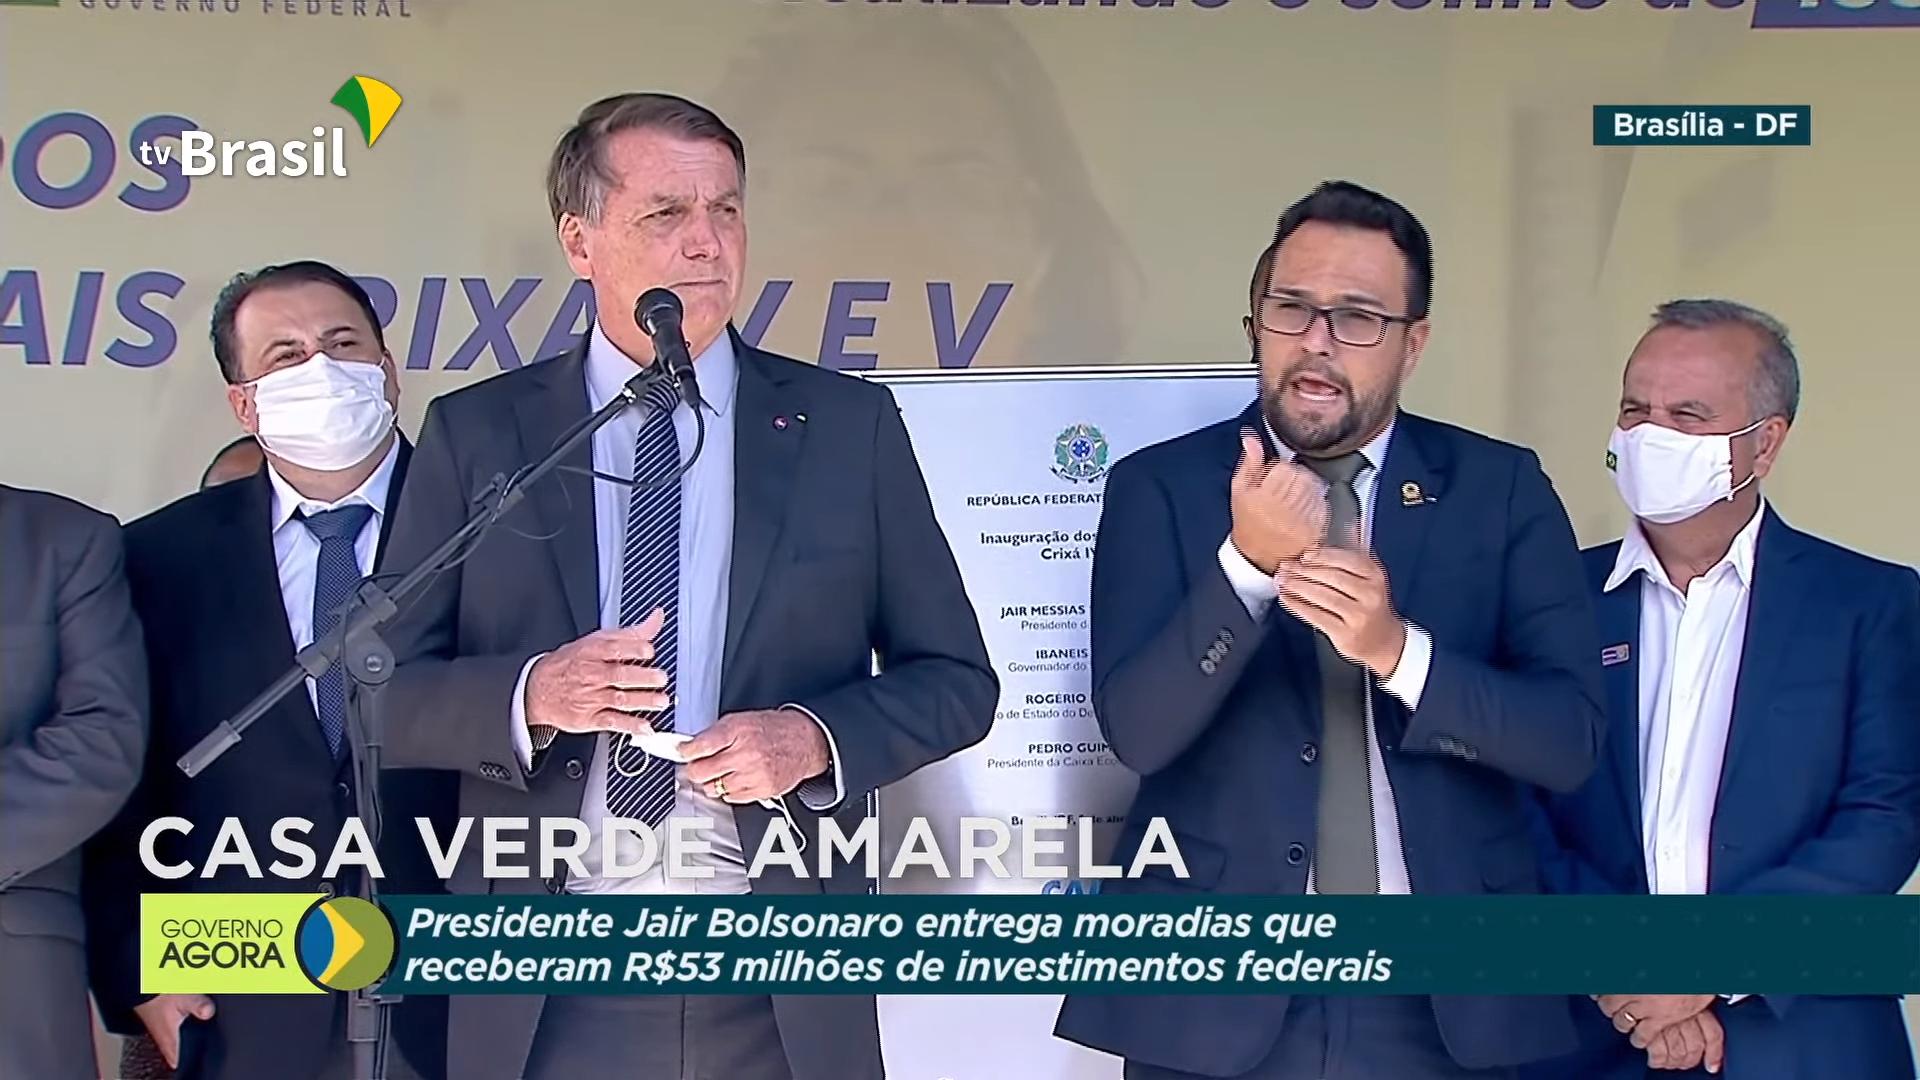 IMAGEM: Após 9 mortes por cloroquina, Bolsonaro volta a defender 'liberdade total' dos médicos